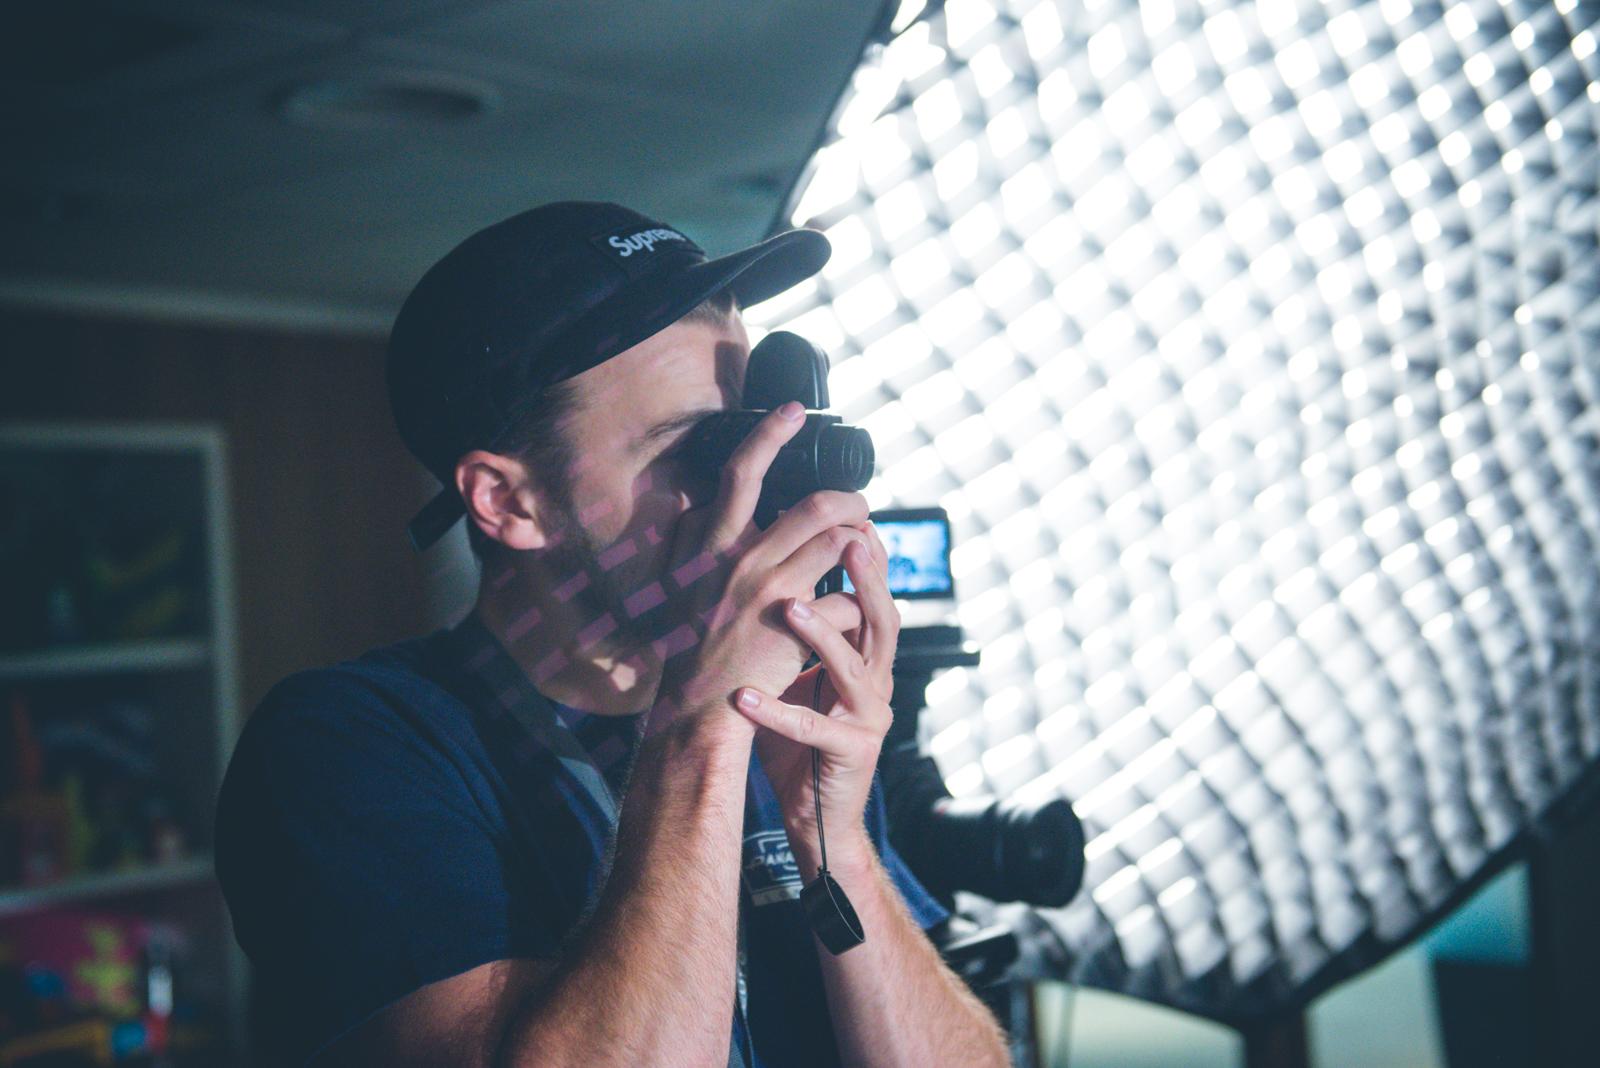 True - person using camera